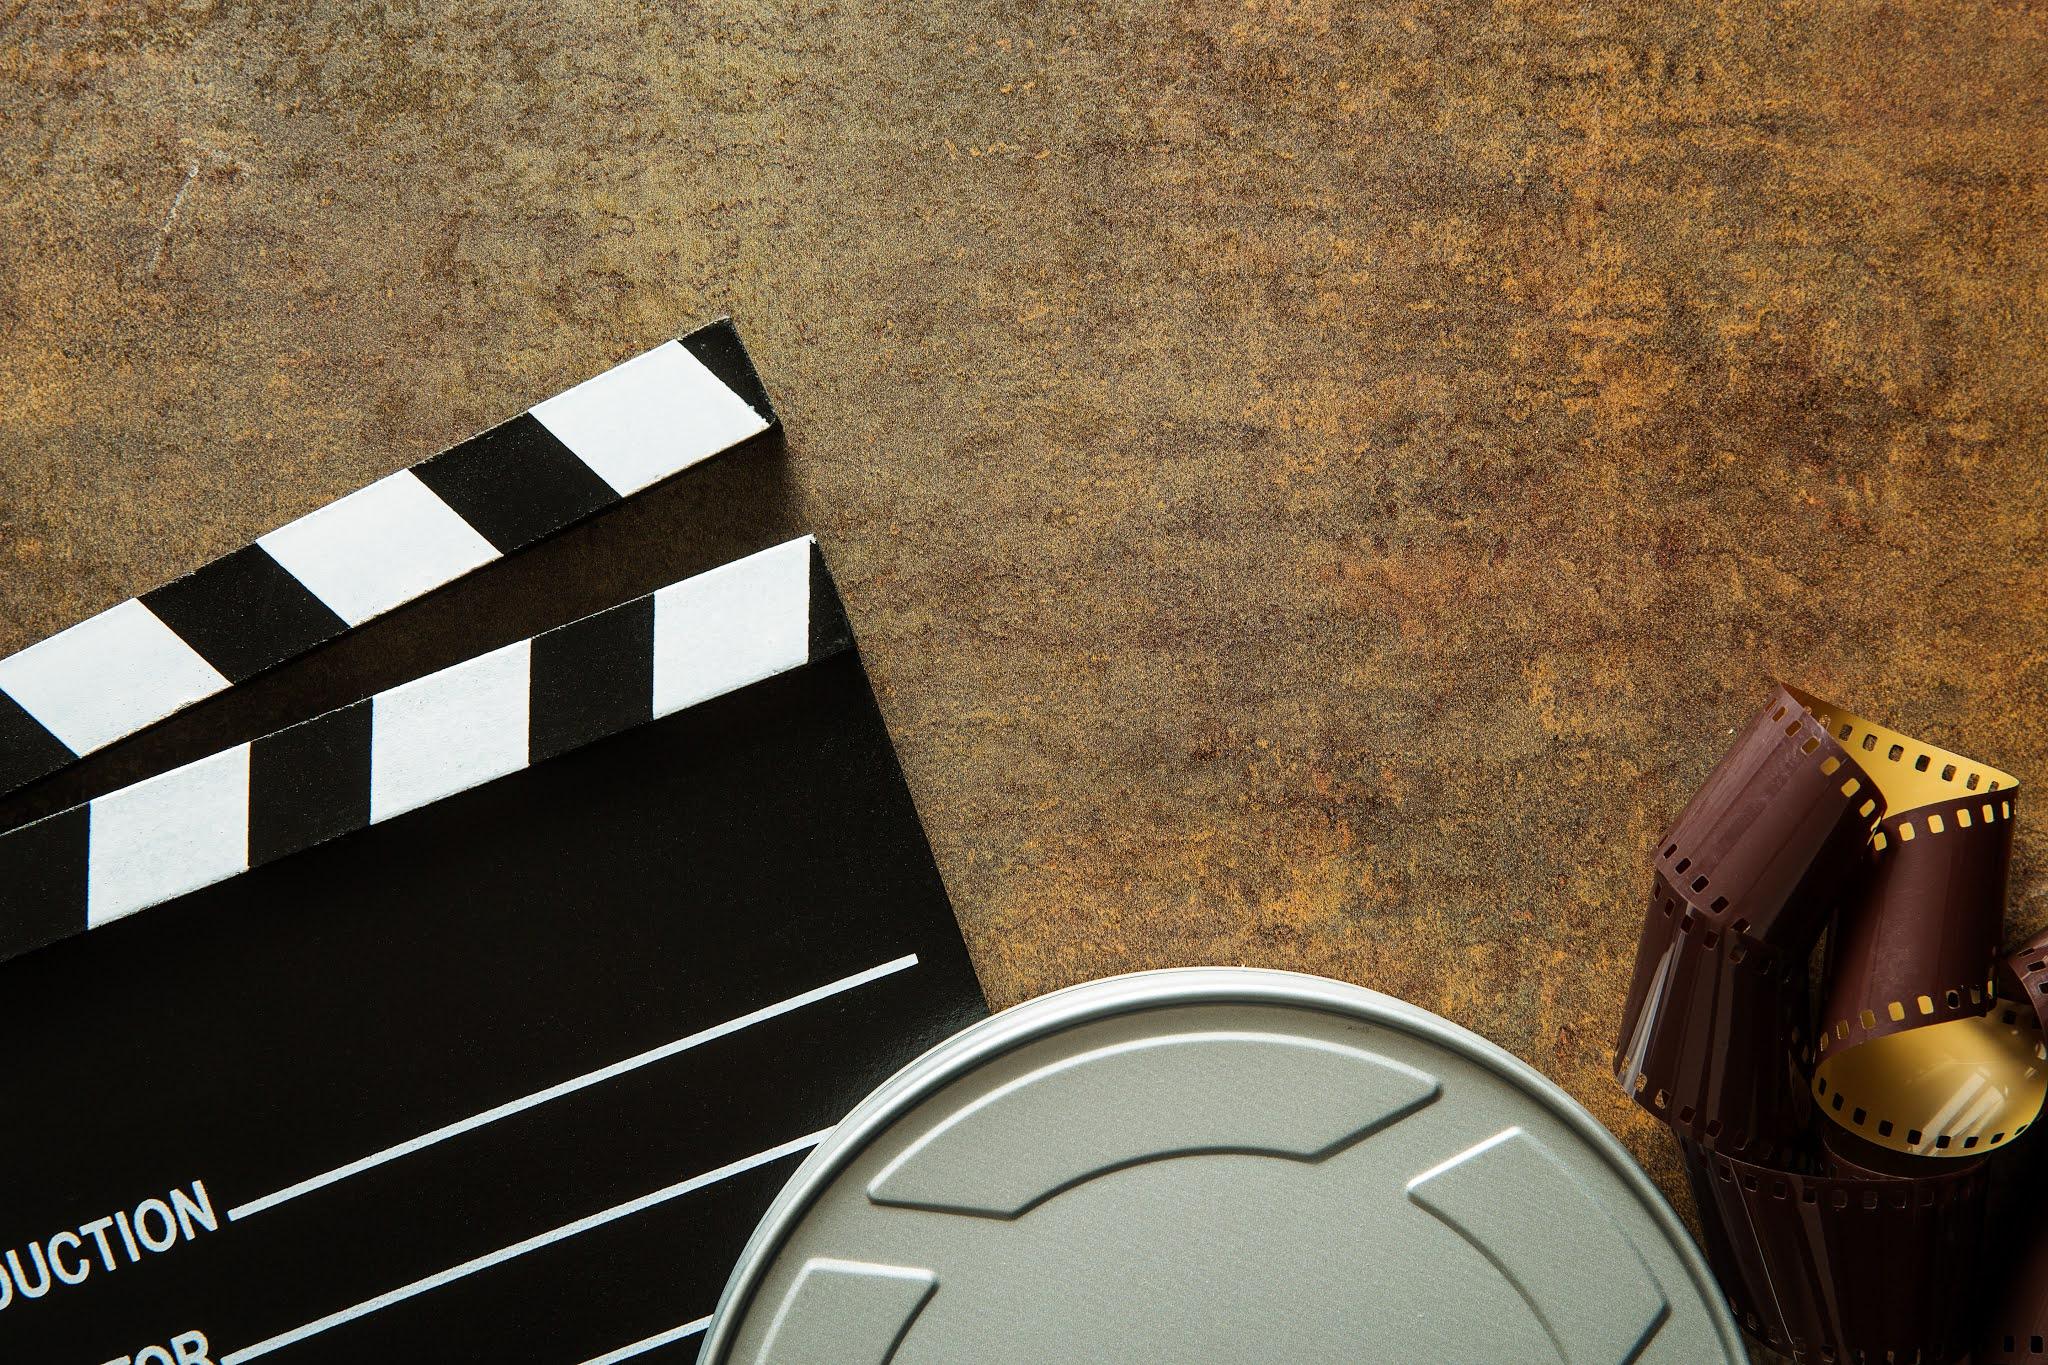 إدارة مهرجان أفلام السعودية تسجل 21 فيلماً